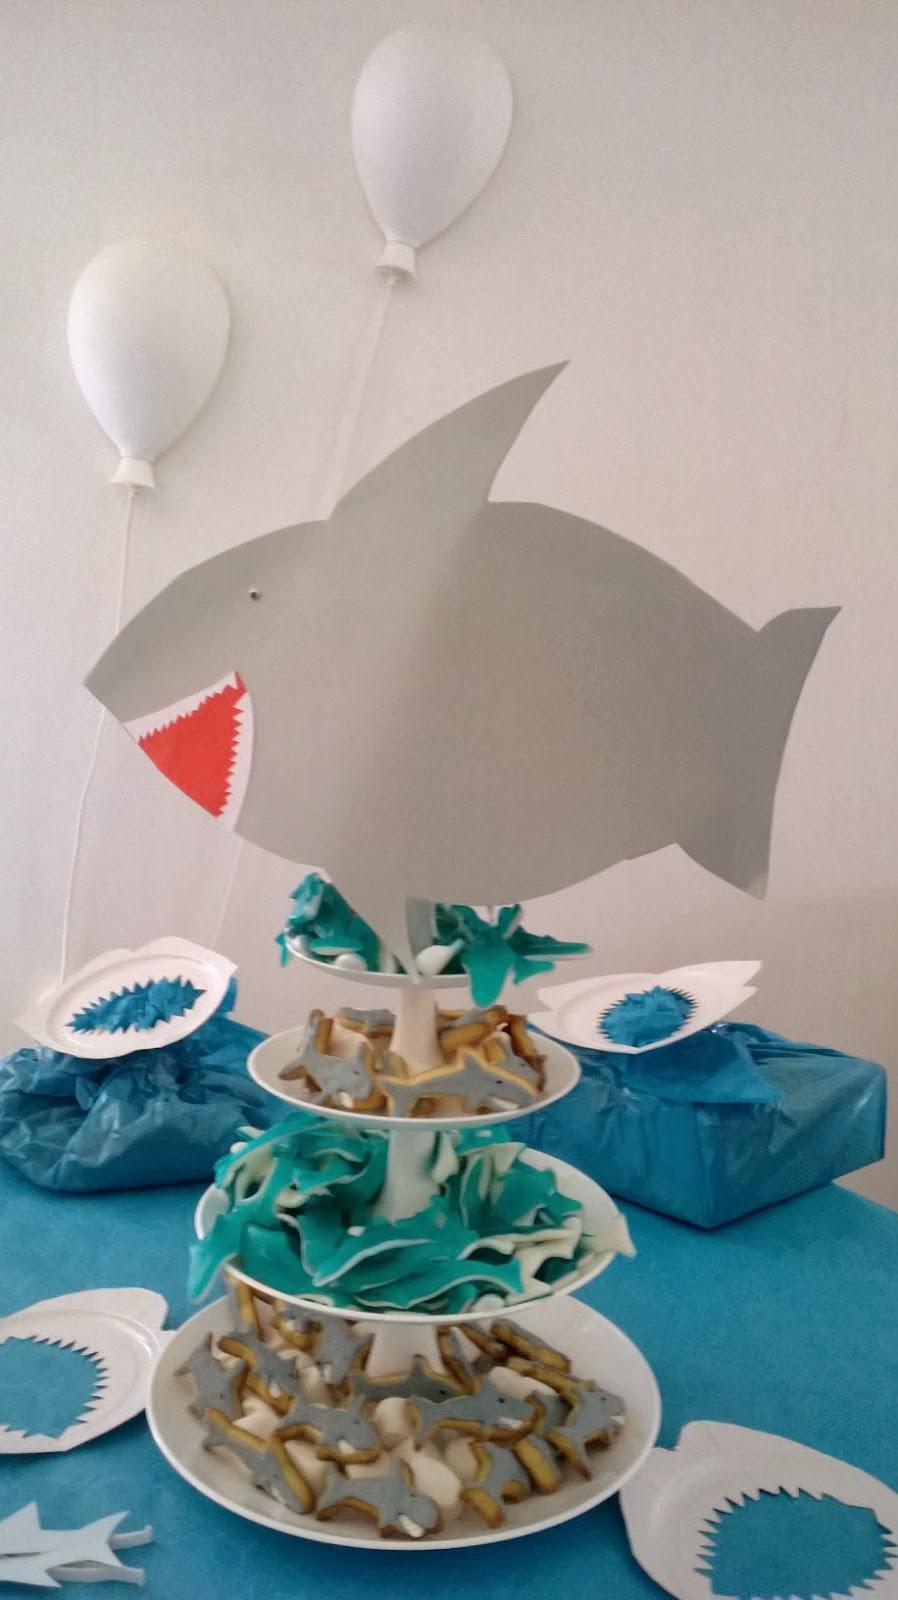 La d coration de g teaux par fanny sabl requin for Requin decoration